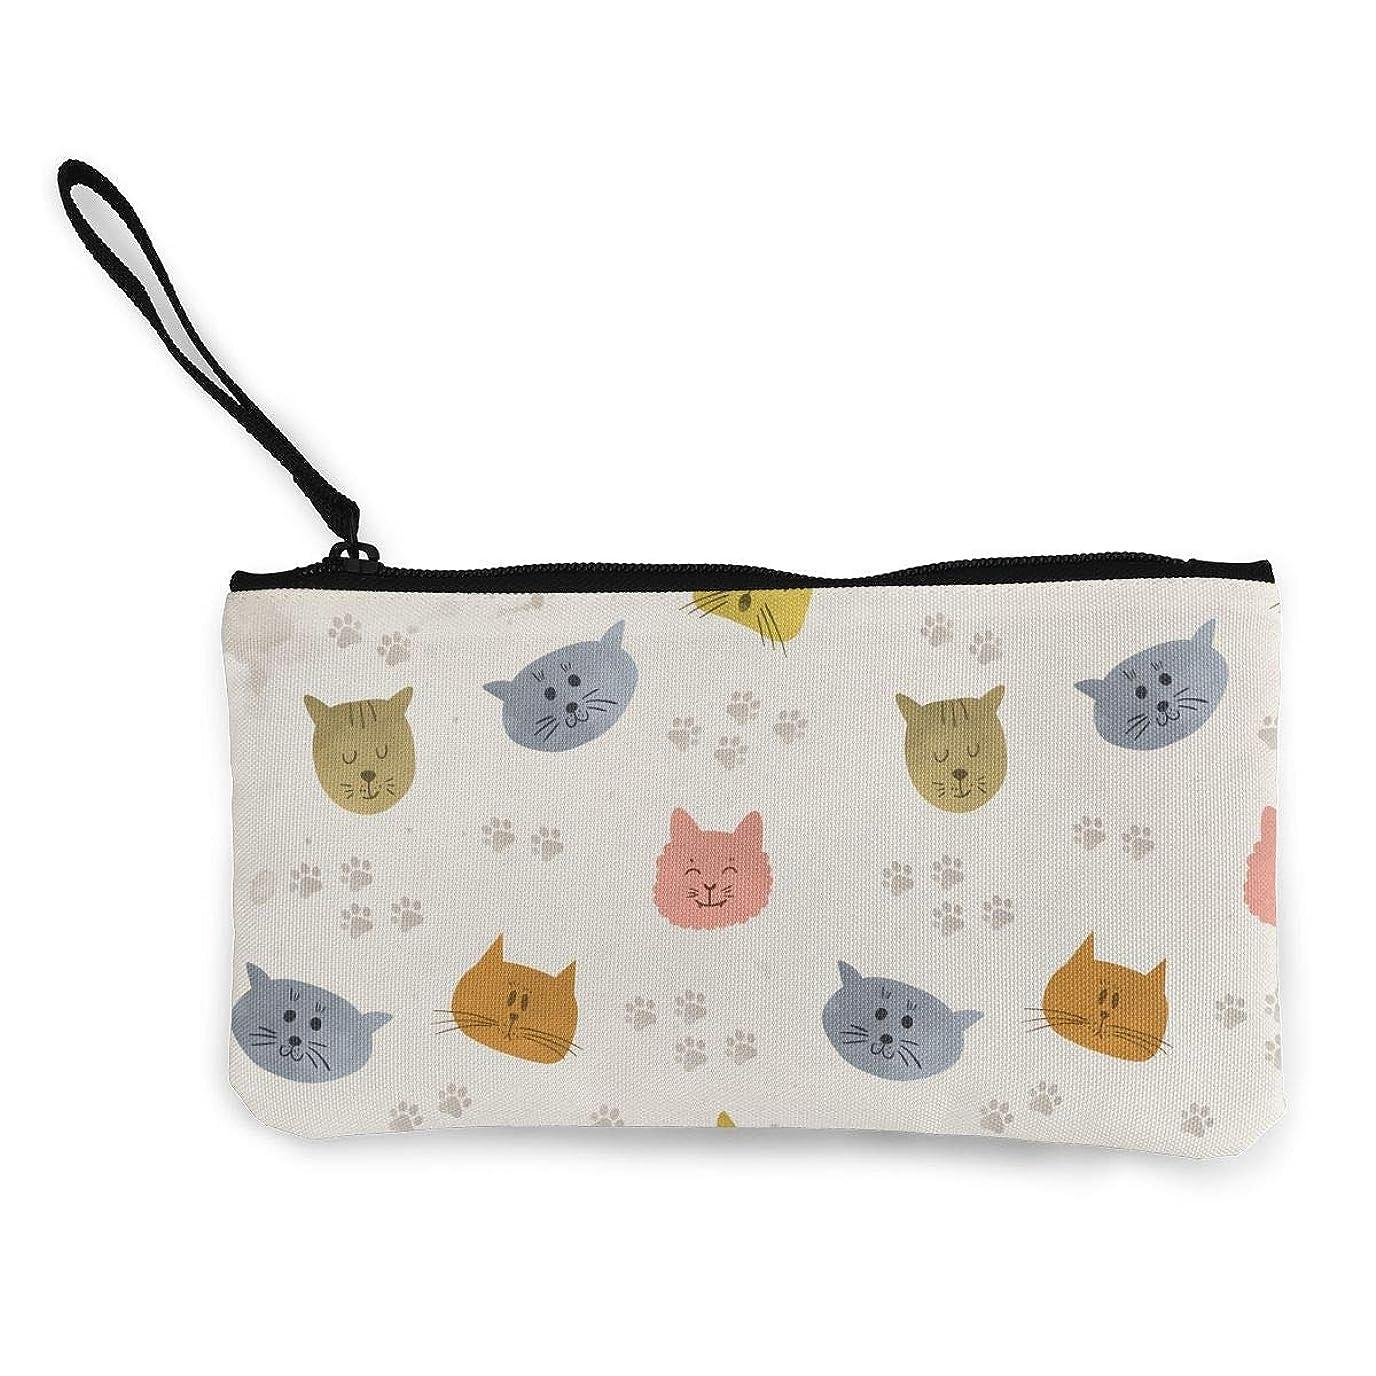 コントラスト安定しました百ErmiCo レディース 小銭入れ キャンバス財布 マンガの猫顔 小遣い財布 財布 鍵 小物 充電器 収納 長財布 ファスナー付き 22×12cm